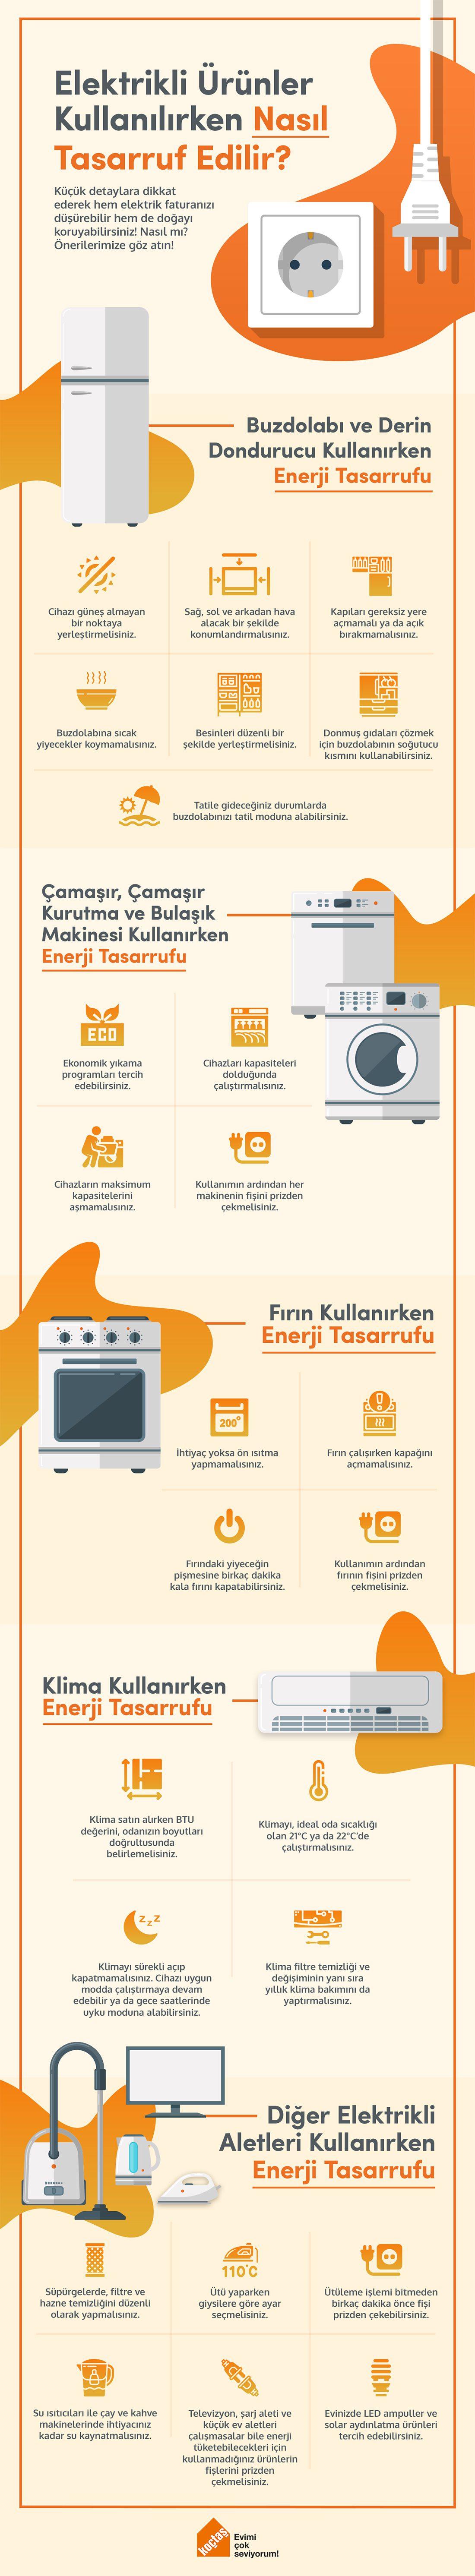 Elektrikli Ürünler Kullanırken Tasarruf Etmenin İpuçları